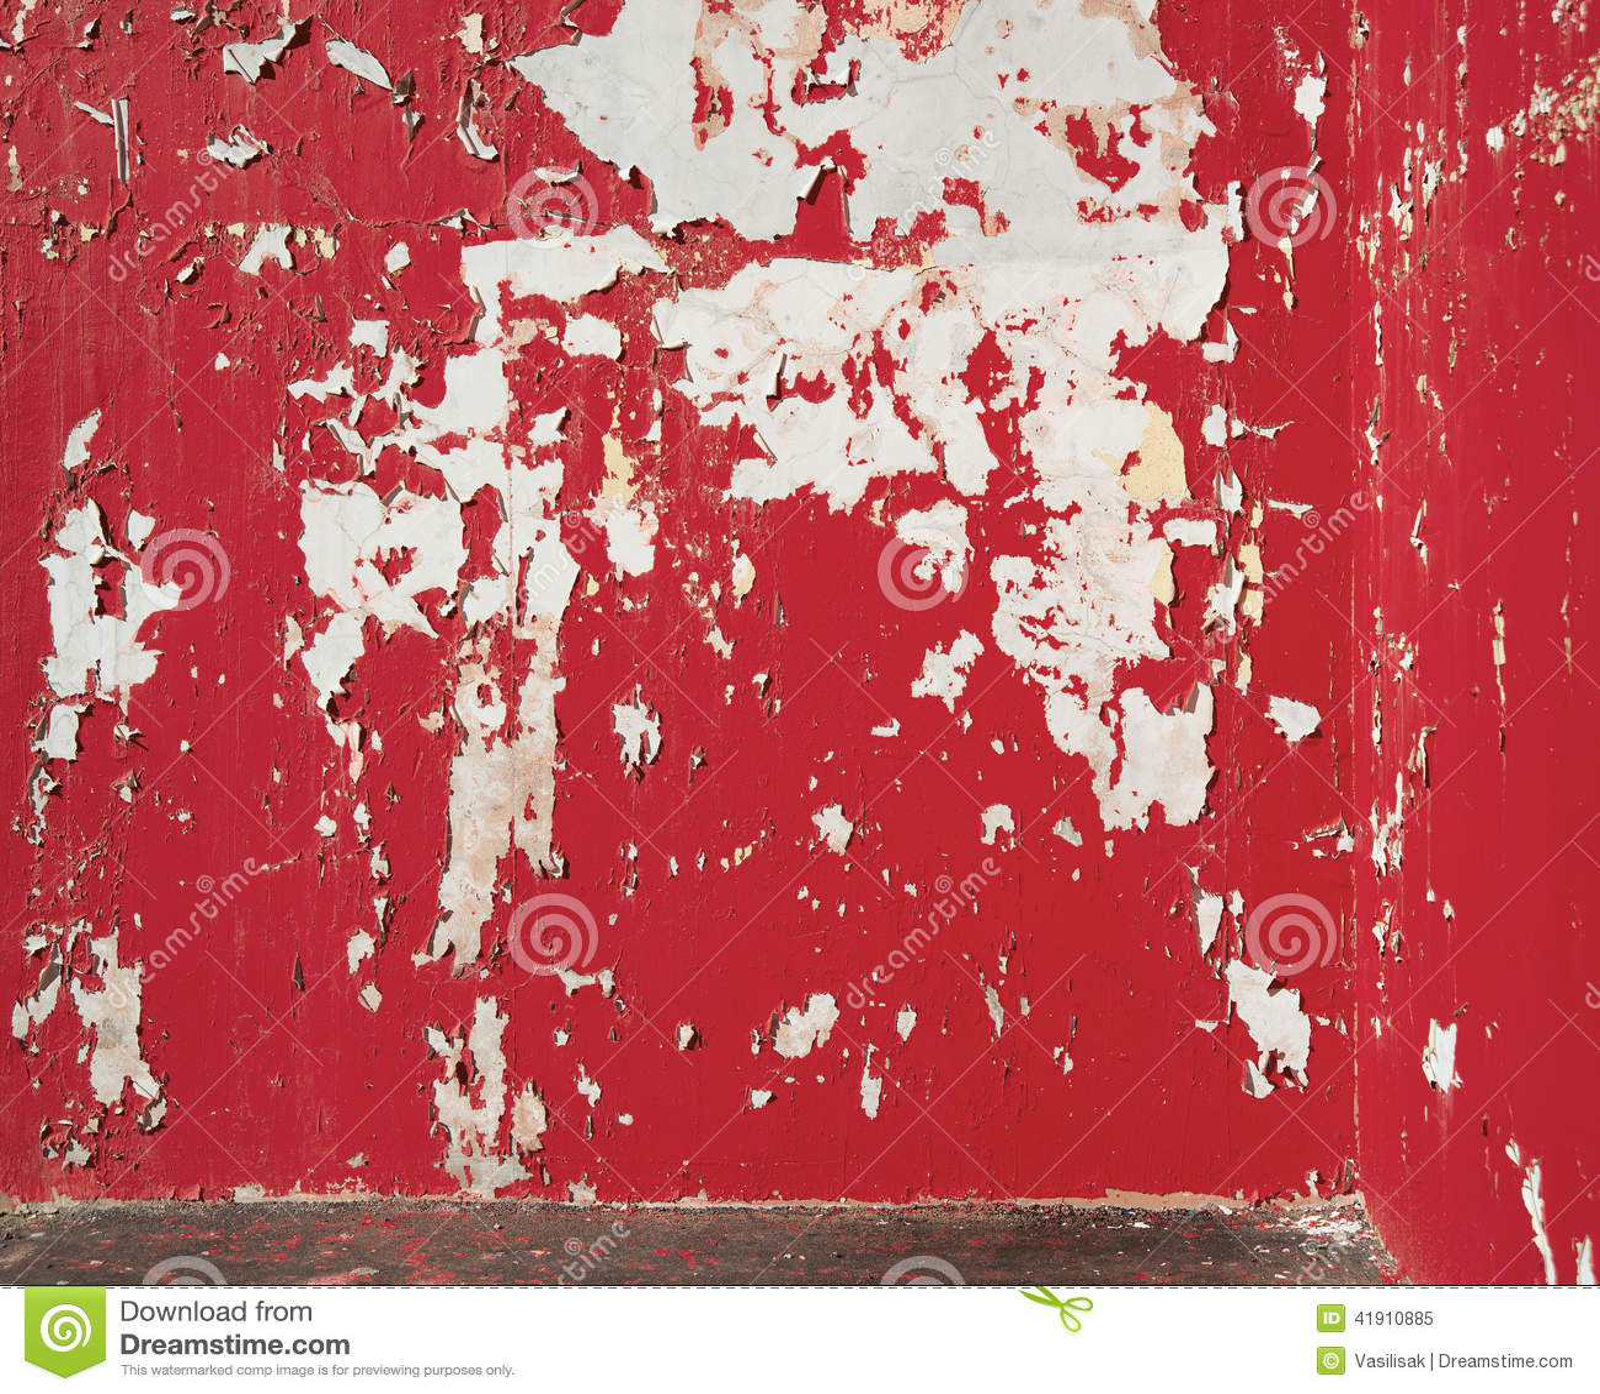 Το υπόβαθρο ξεφλούδισε το κόκκινο χρώμα στον τοίχο